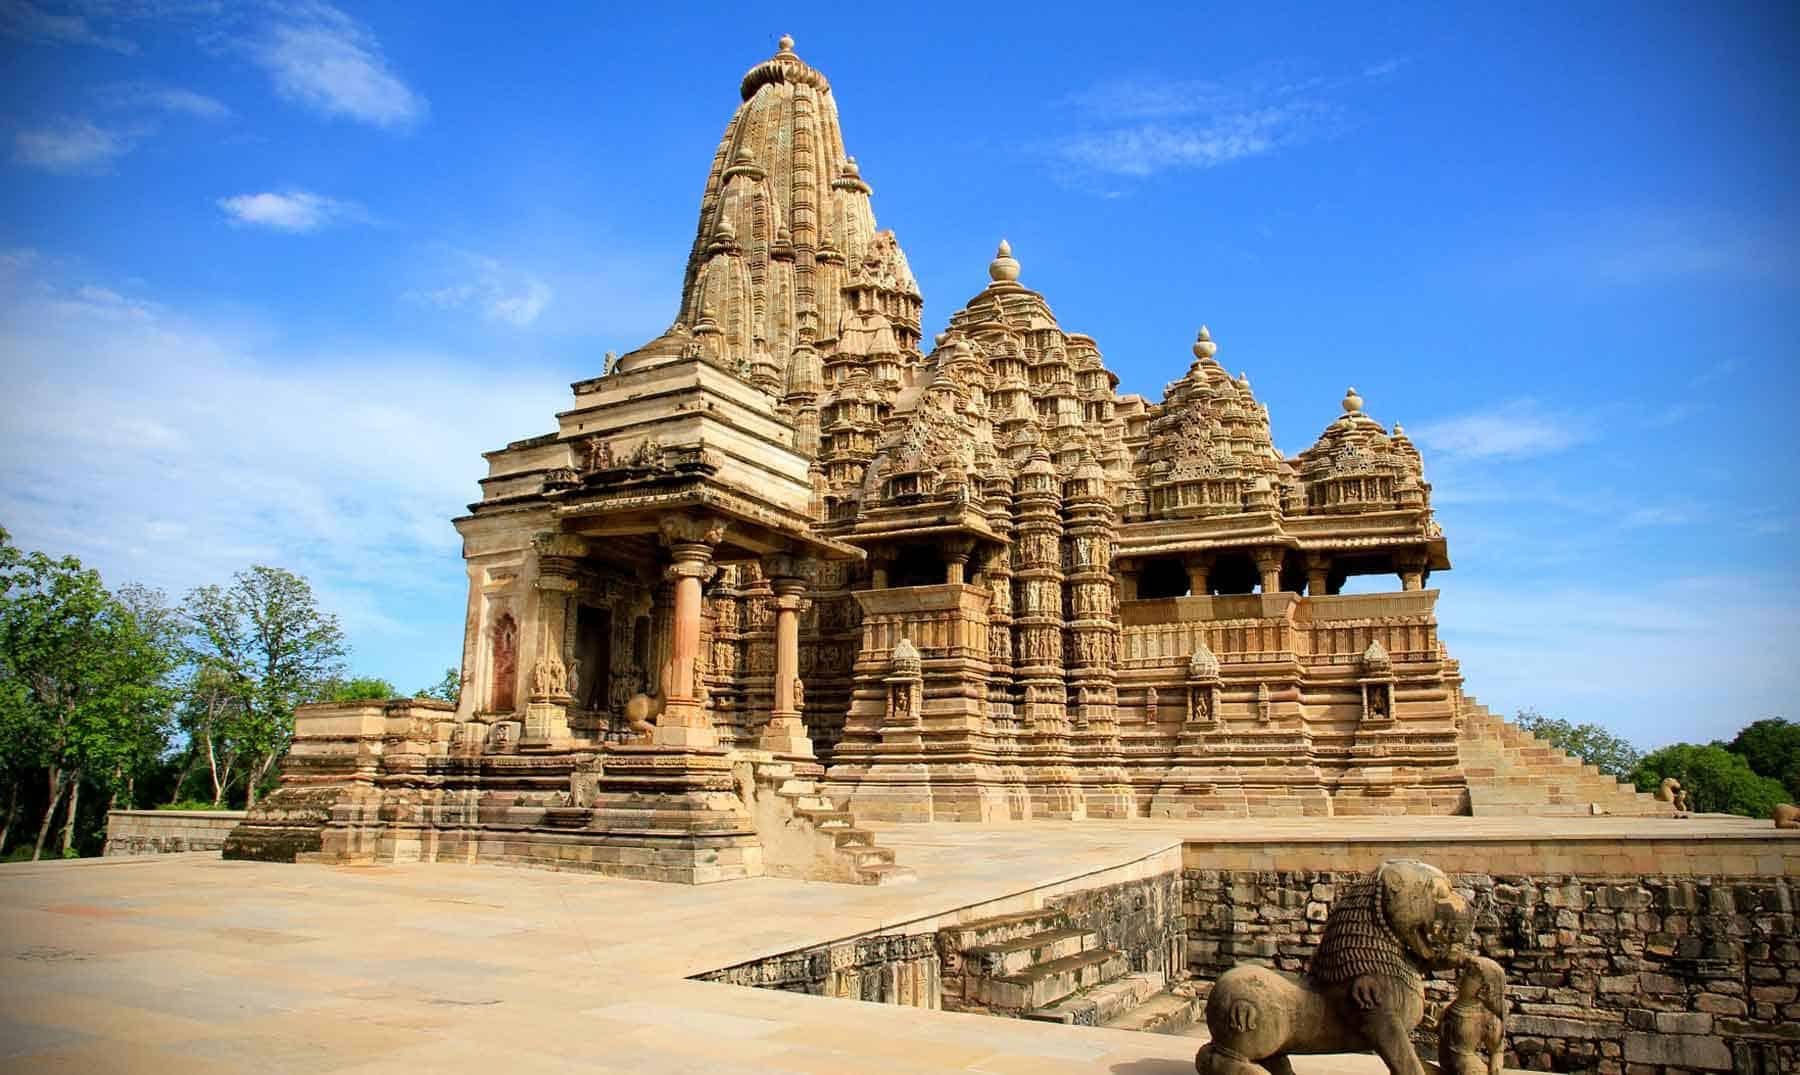 Los templos del sexo sagrado están ubicados en Madhya Prades, India.